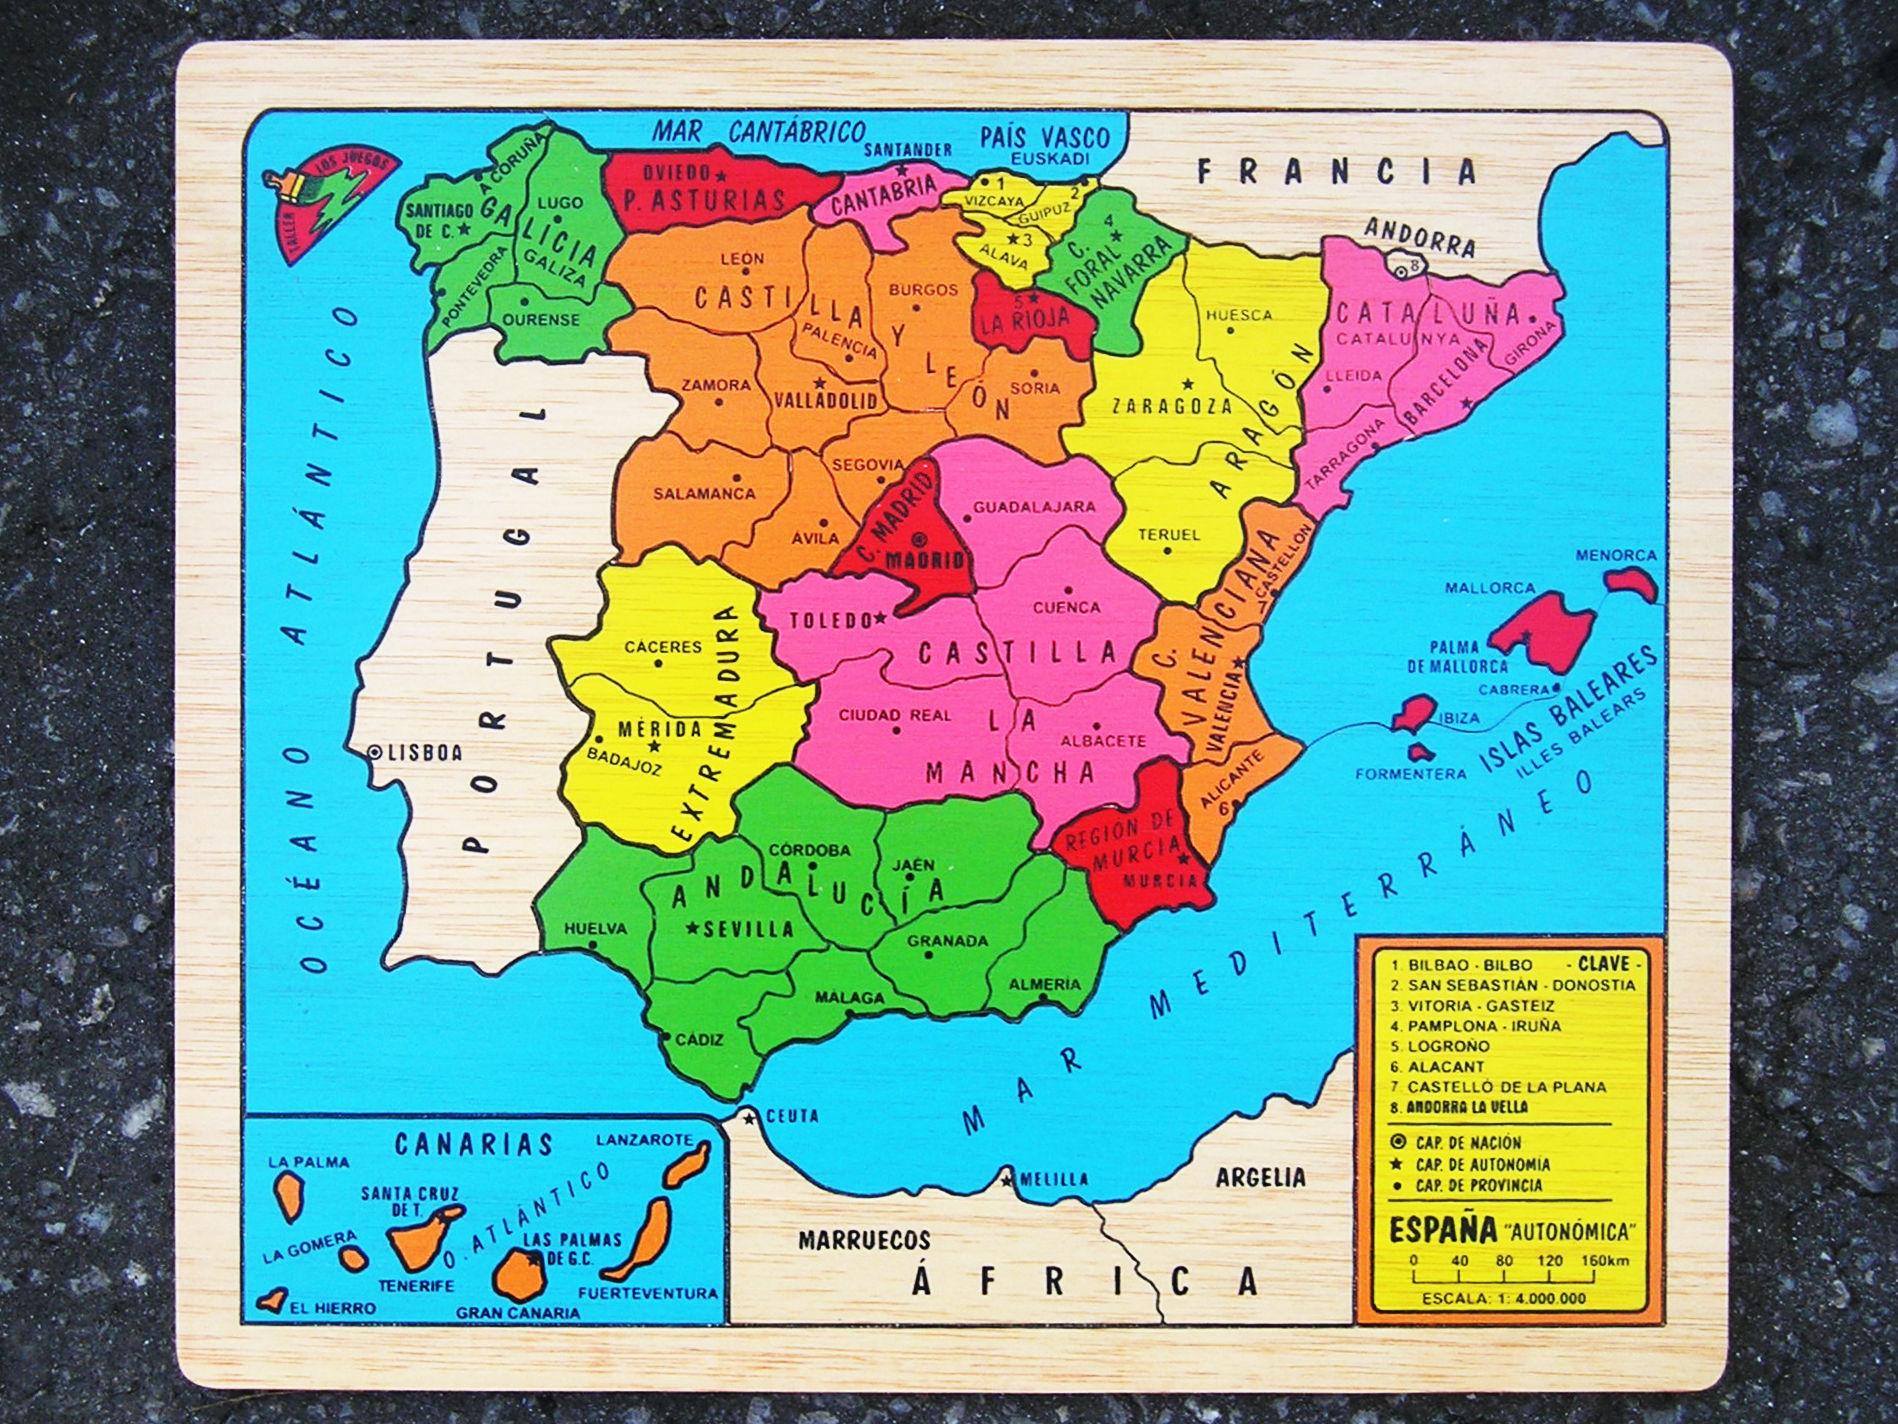 12890 - ¿Puedo adivinar de qué ciudad de España eres? [Península Ibérica]